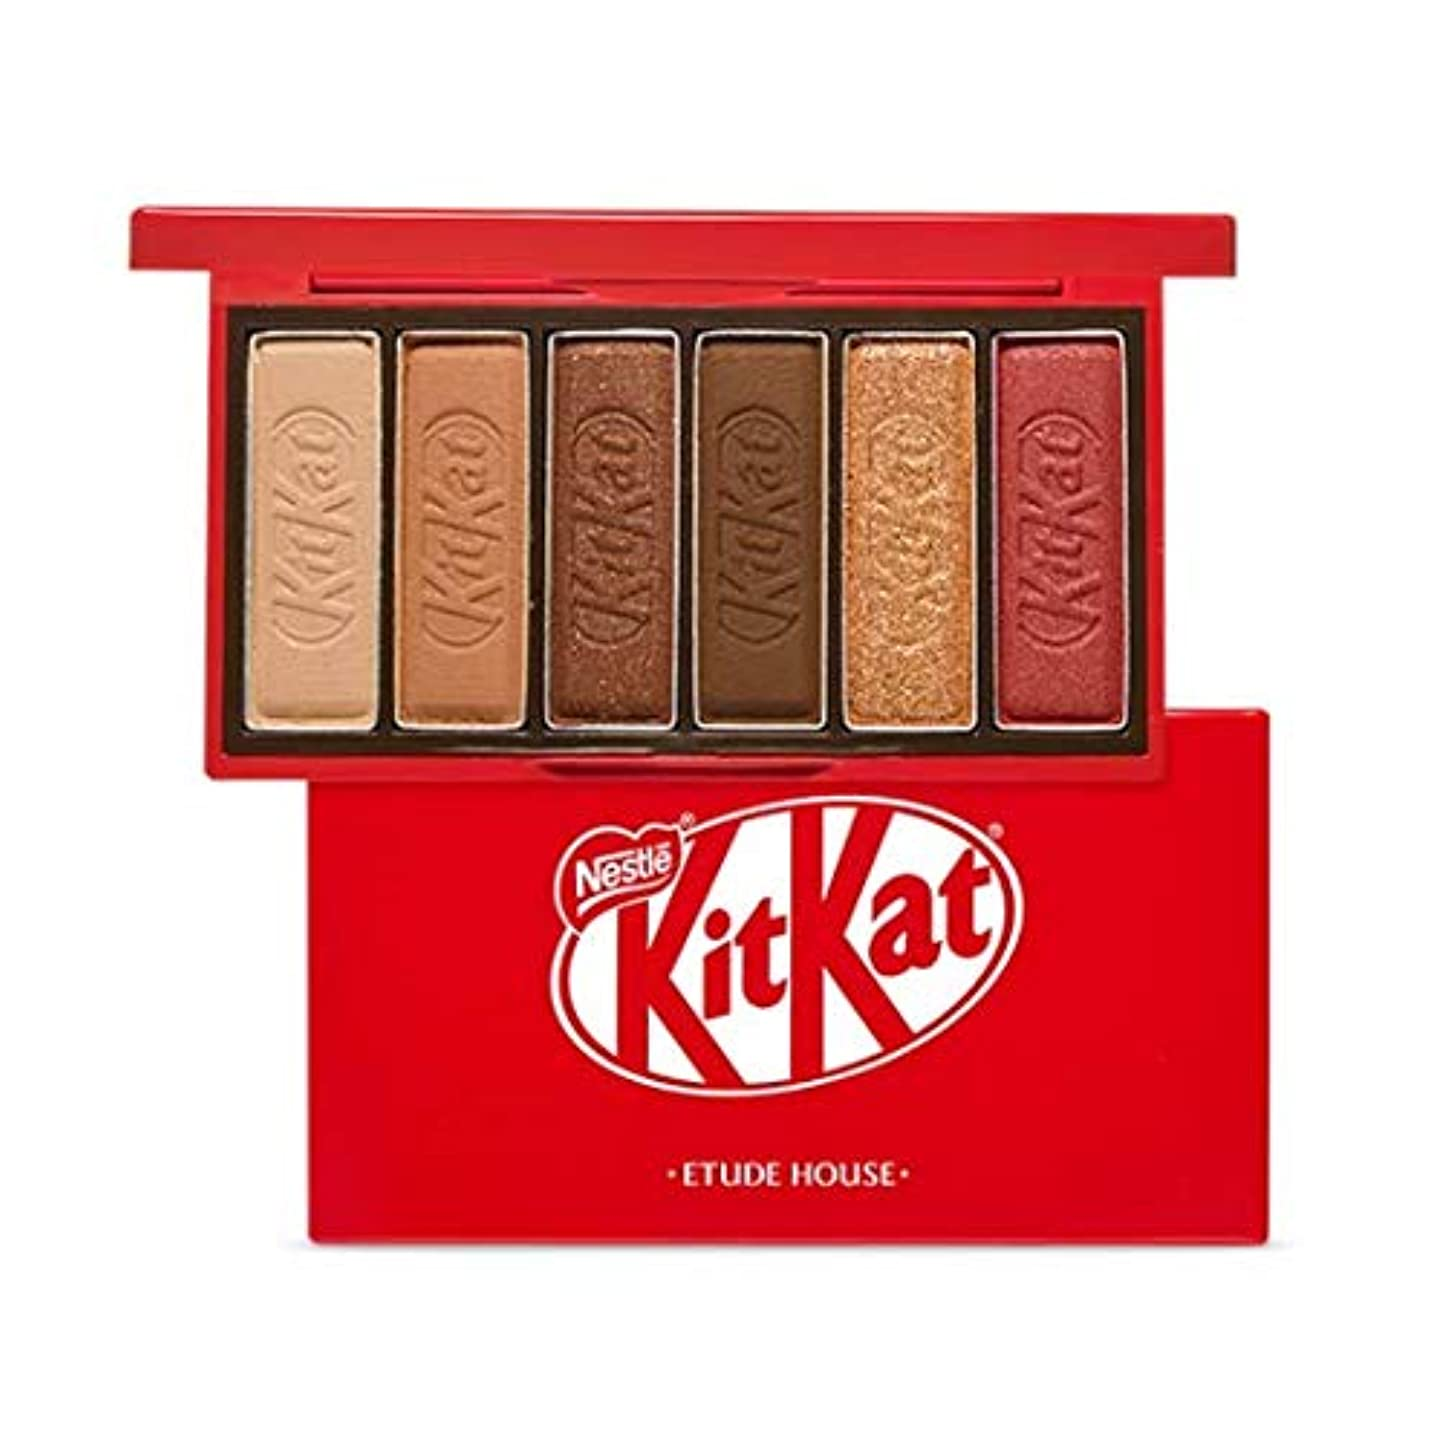 本物溶岩執着エチュードハウス キットカット プレイカラー アイズ ミニ 1*6g / ETUDE HOUSE KitKat Play Color Eyes Mini #1 KitKat Original [並行輸入品]